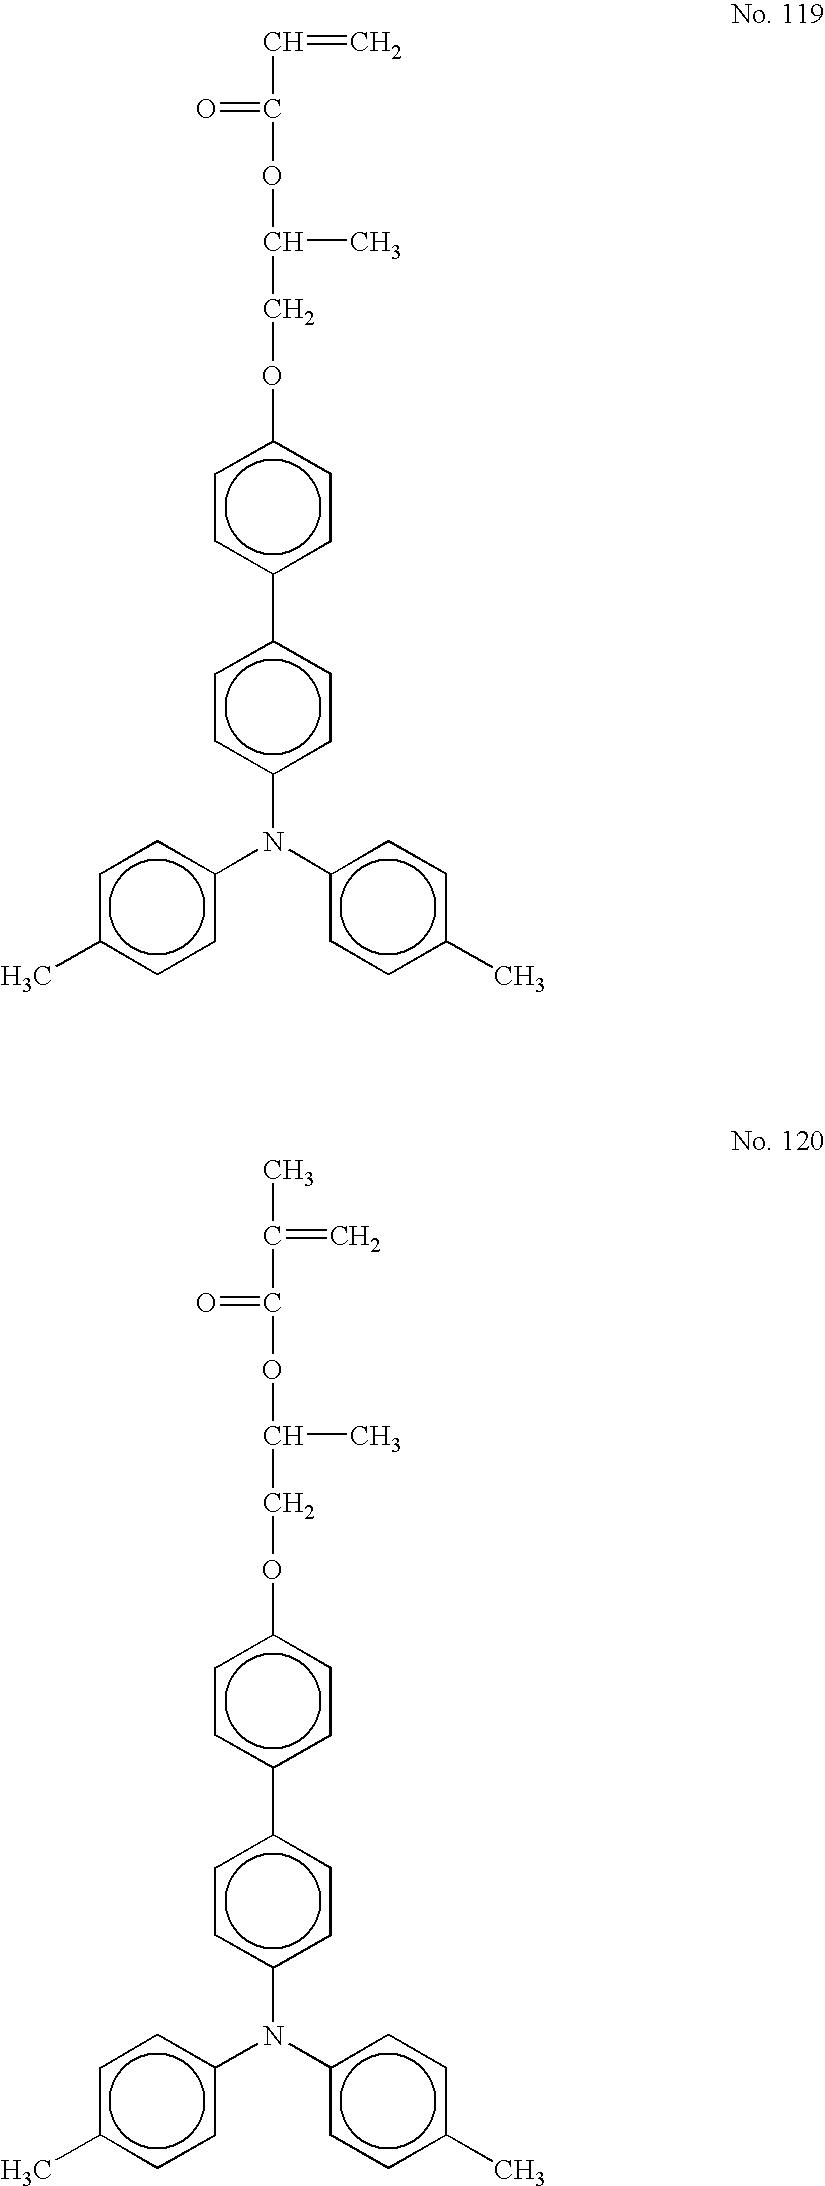 Figure US20040253527A1-20041216-C00053